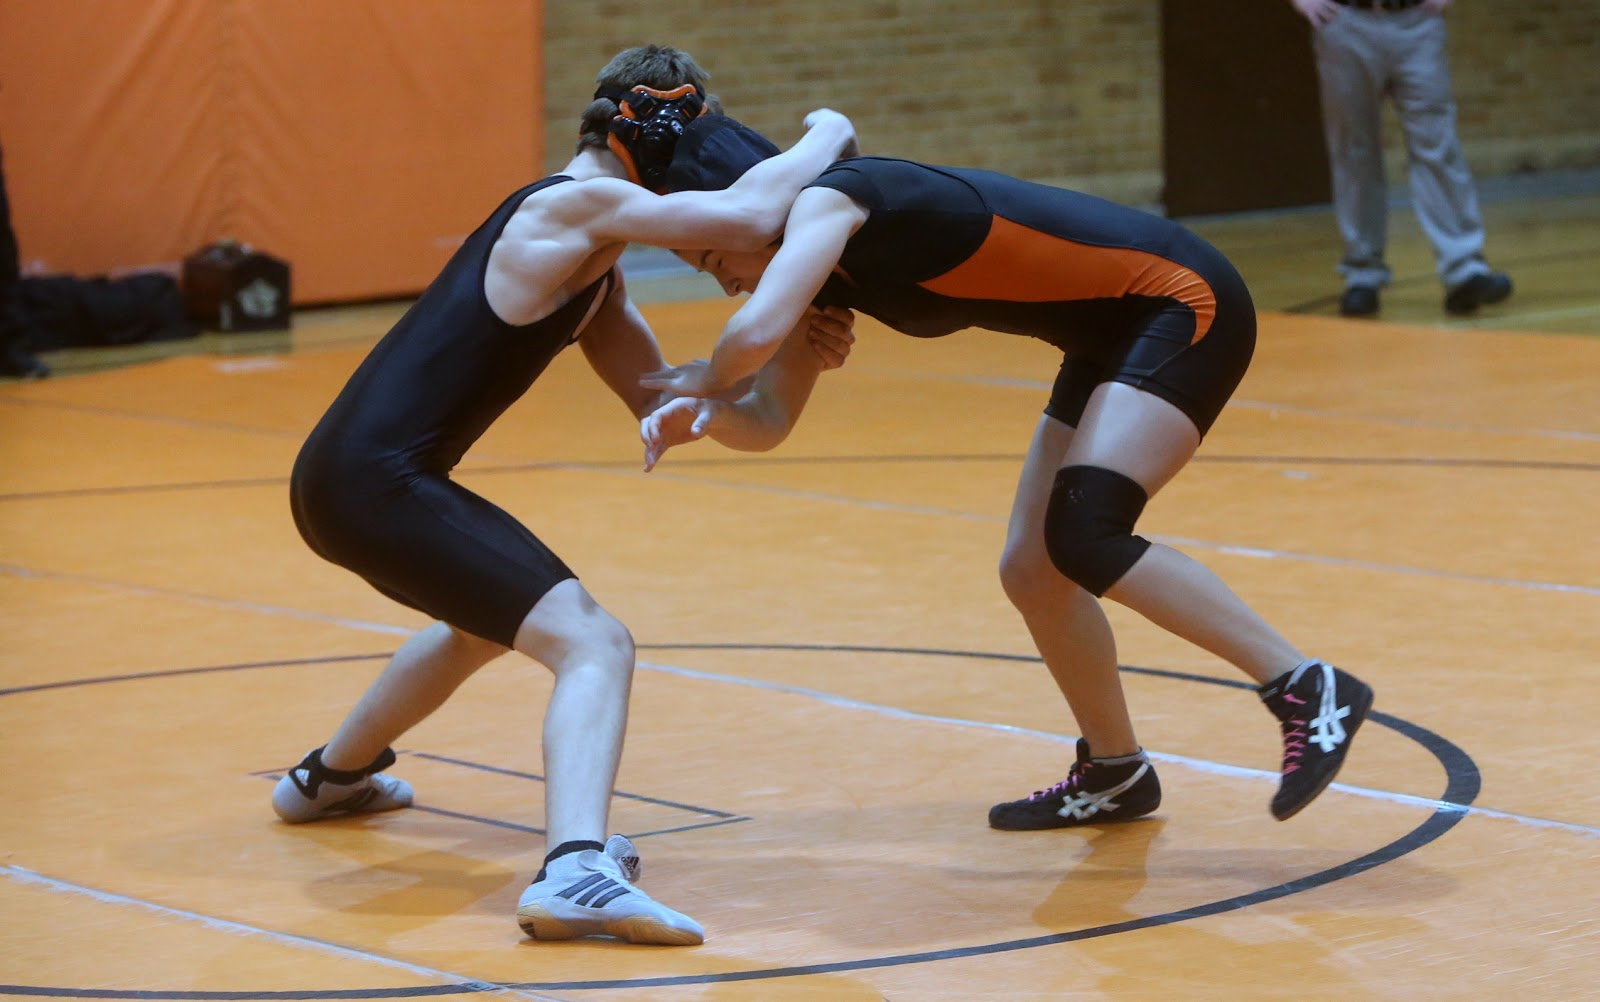 Men Wrestling Women Female Wrestler Pins Male Opponent-8668